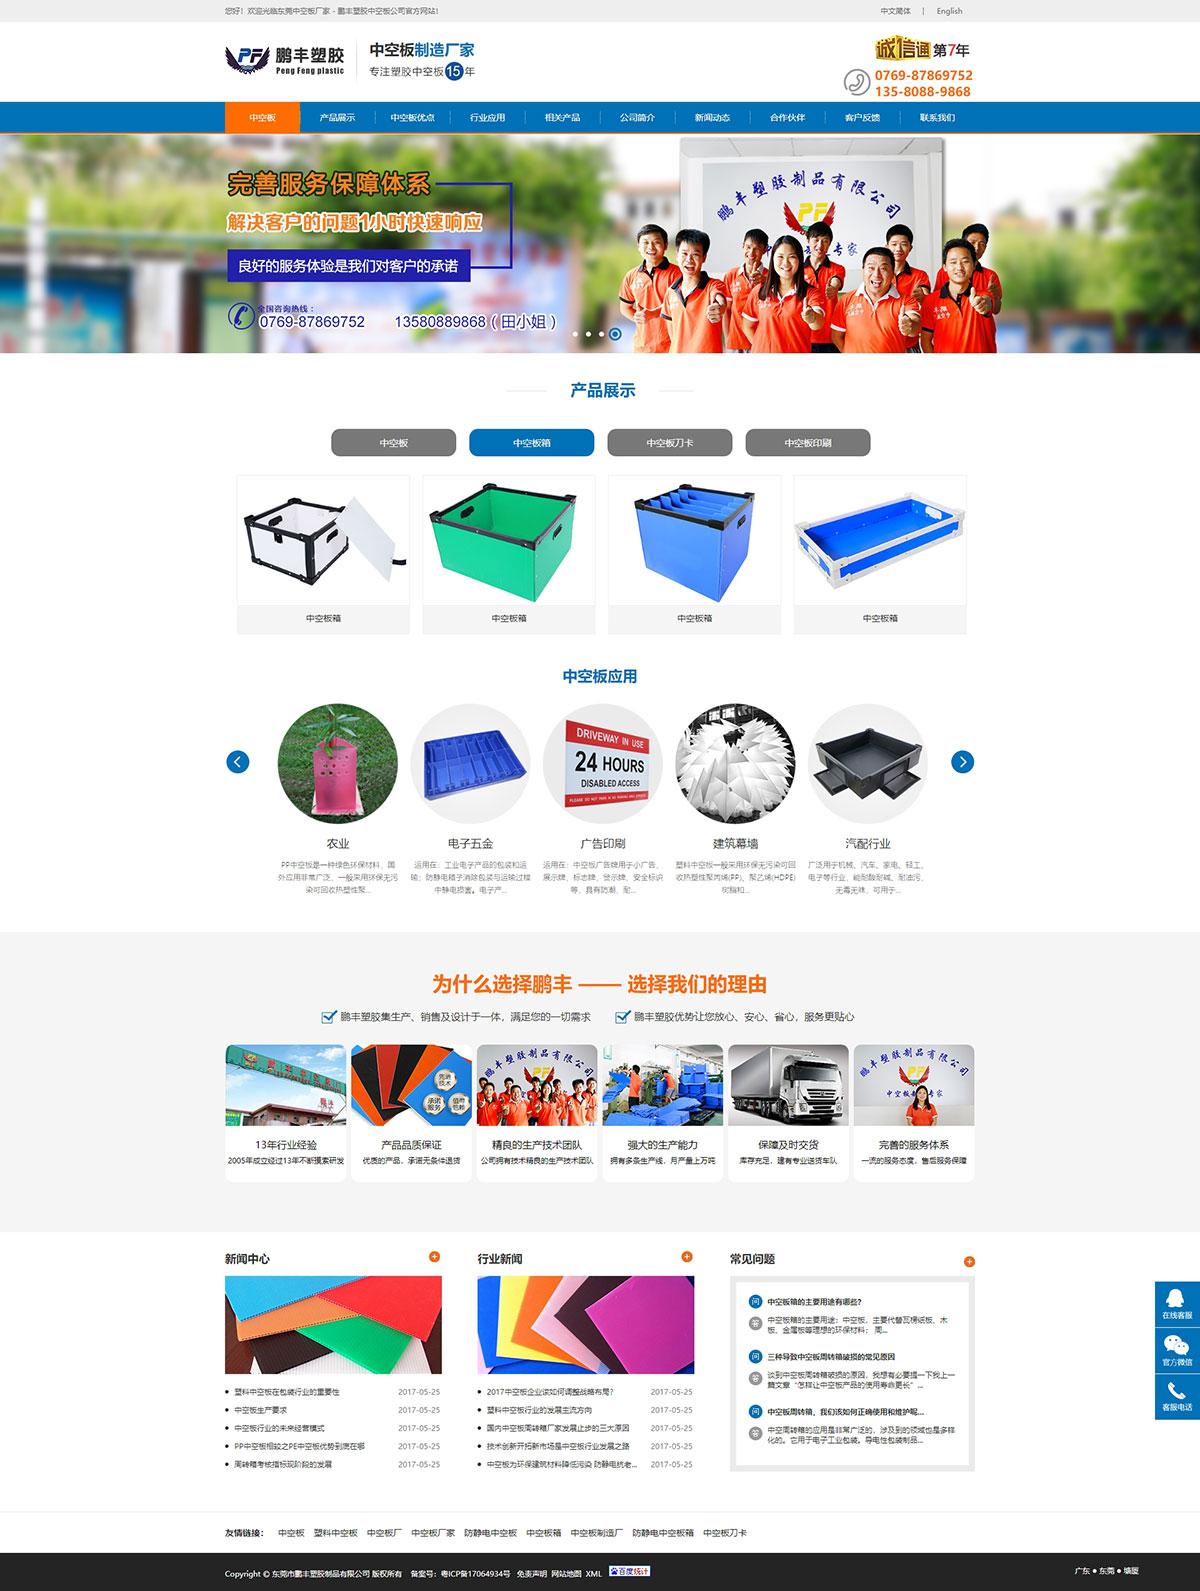 塑胶公司天博国际娱乐网址建设案例